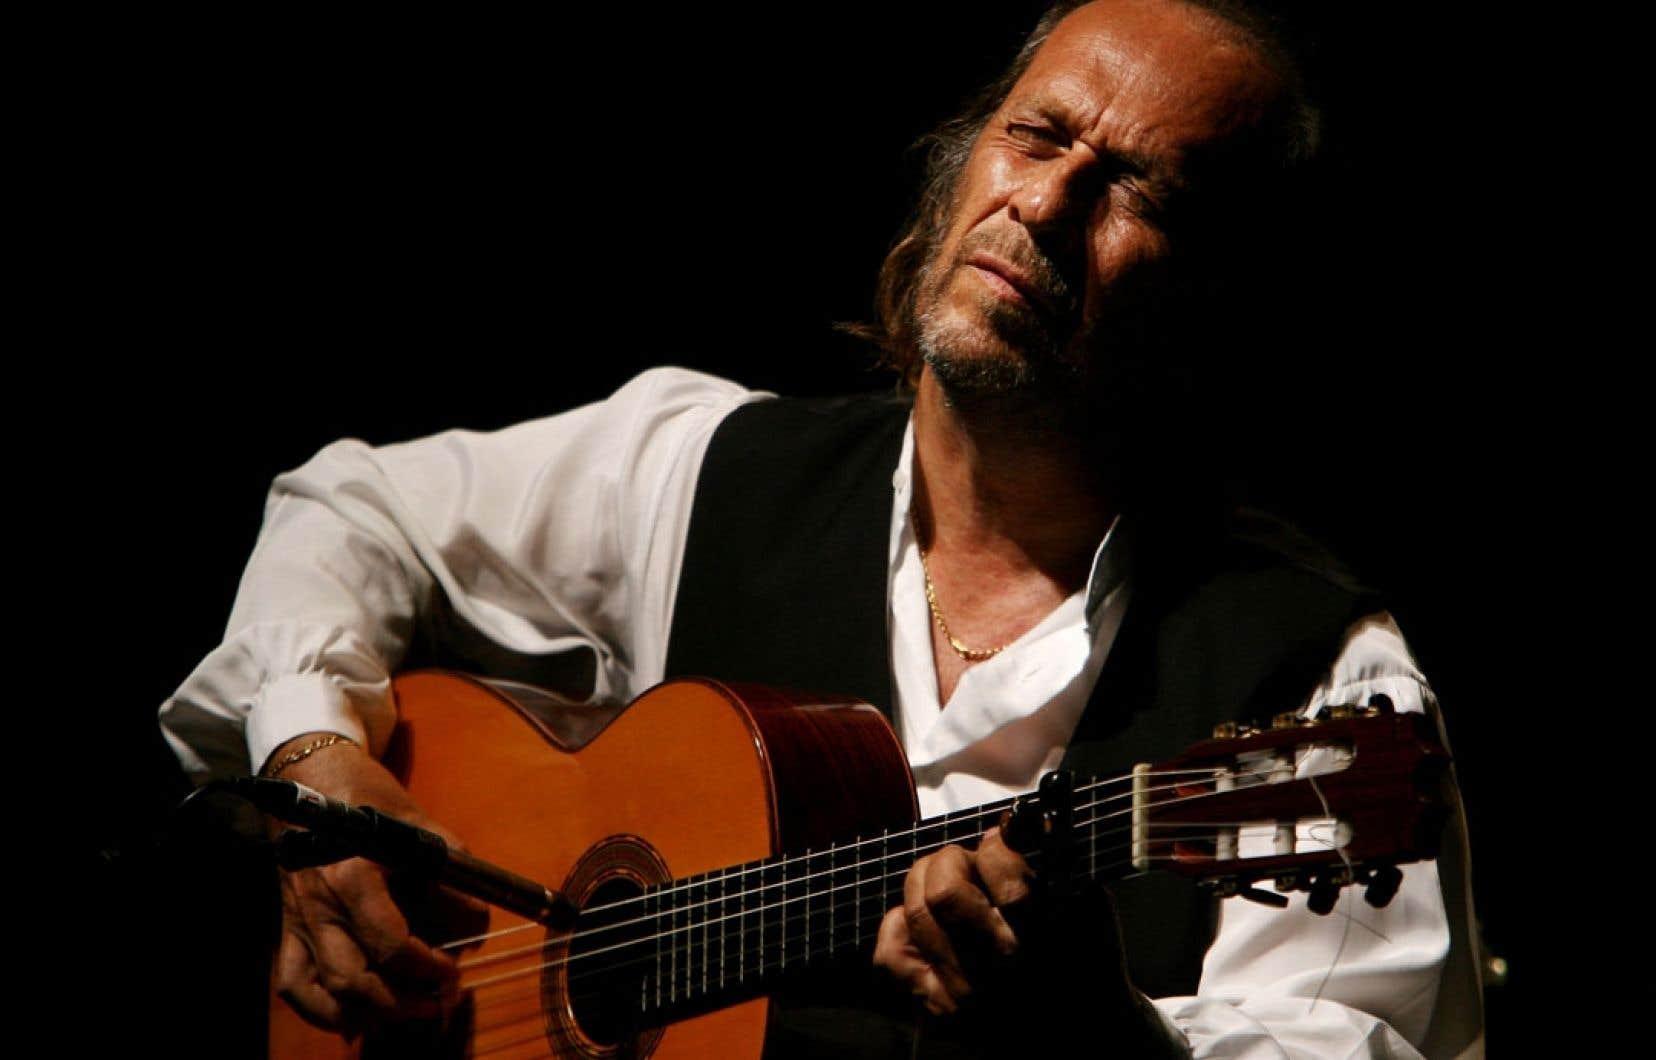 Paco de Lucía lors d'un concert dans sa ville natale d'Algésiras, en Espagne, en 2006